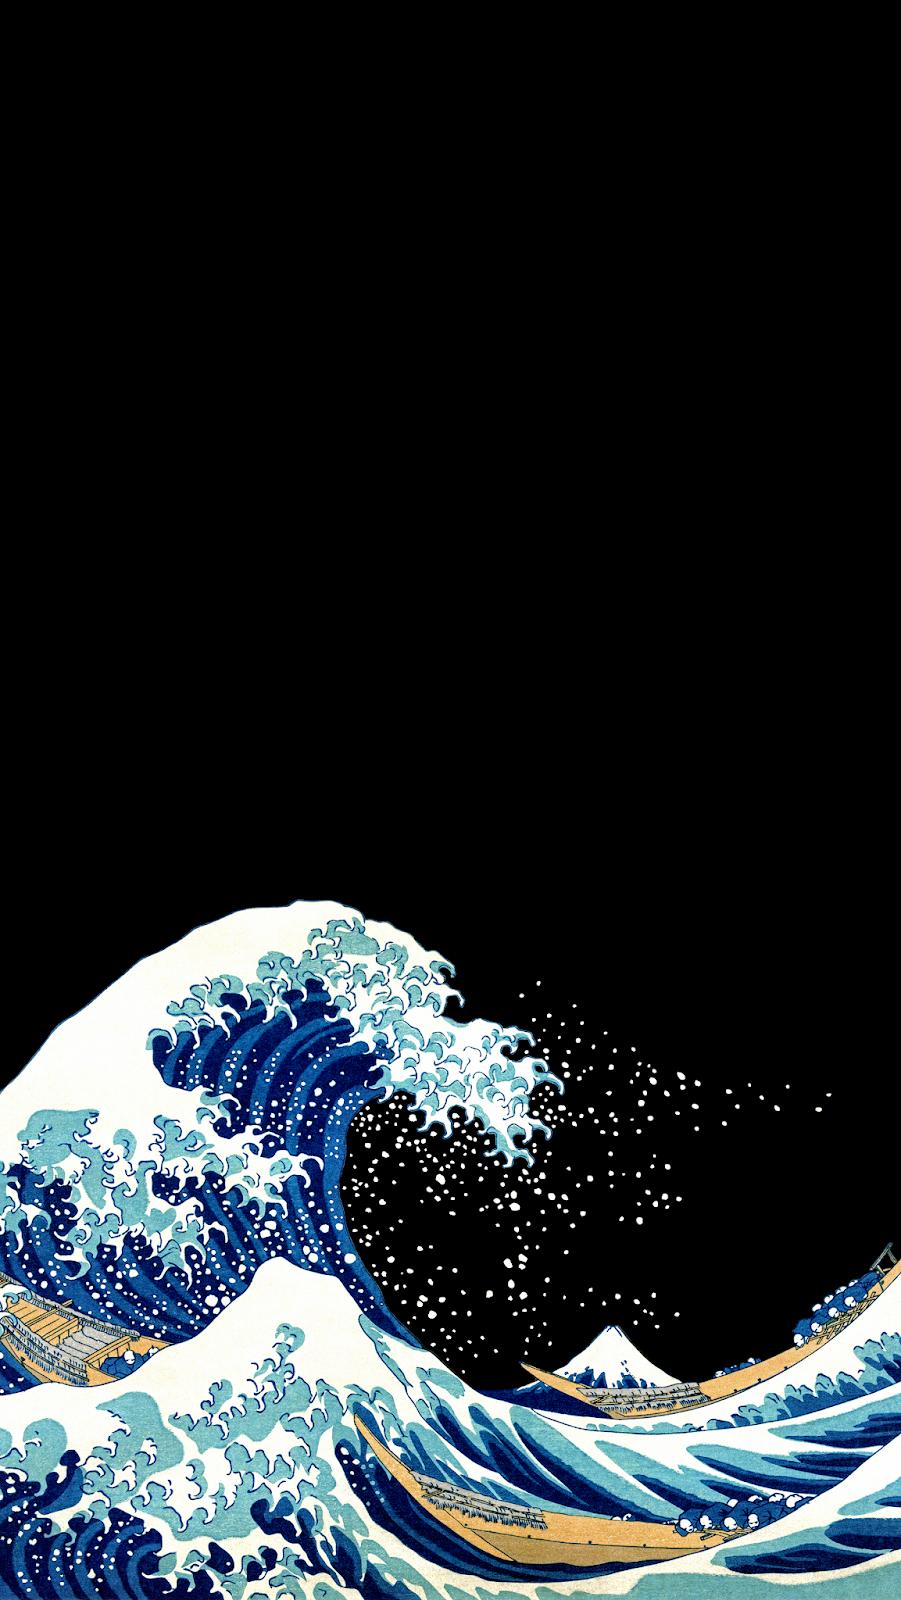 AMOLED Great Wave off Kanagawa #wallpaperiphone